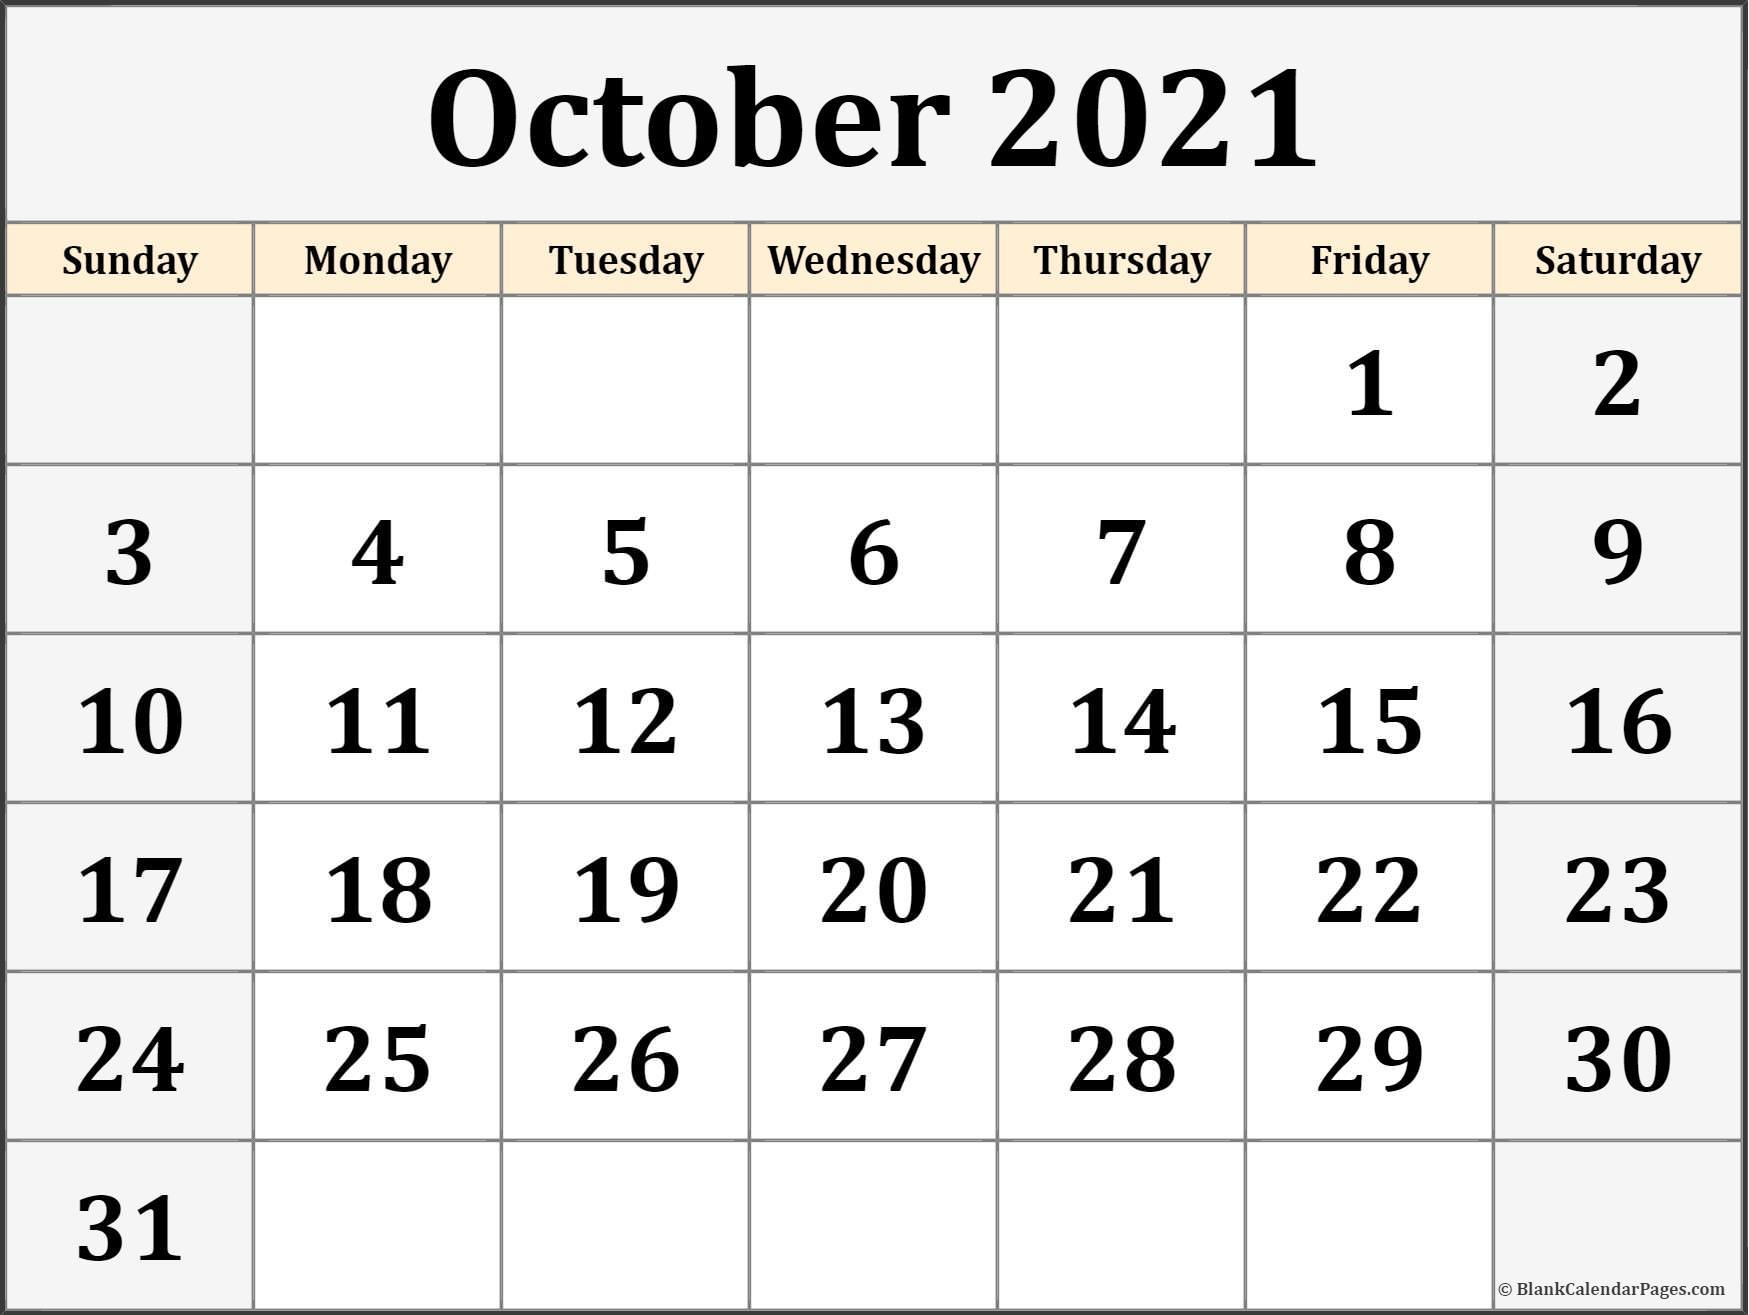 October 2021 Calendar   Free Printable Calendar Templates